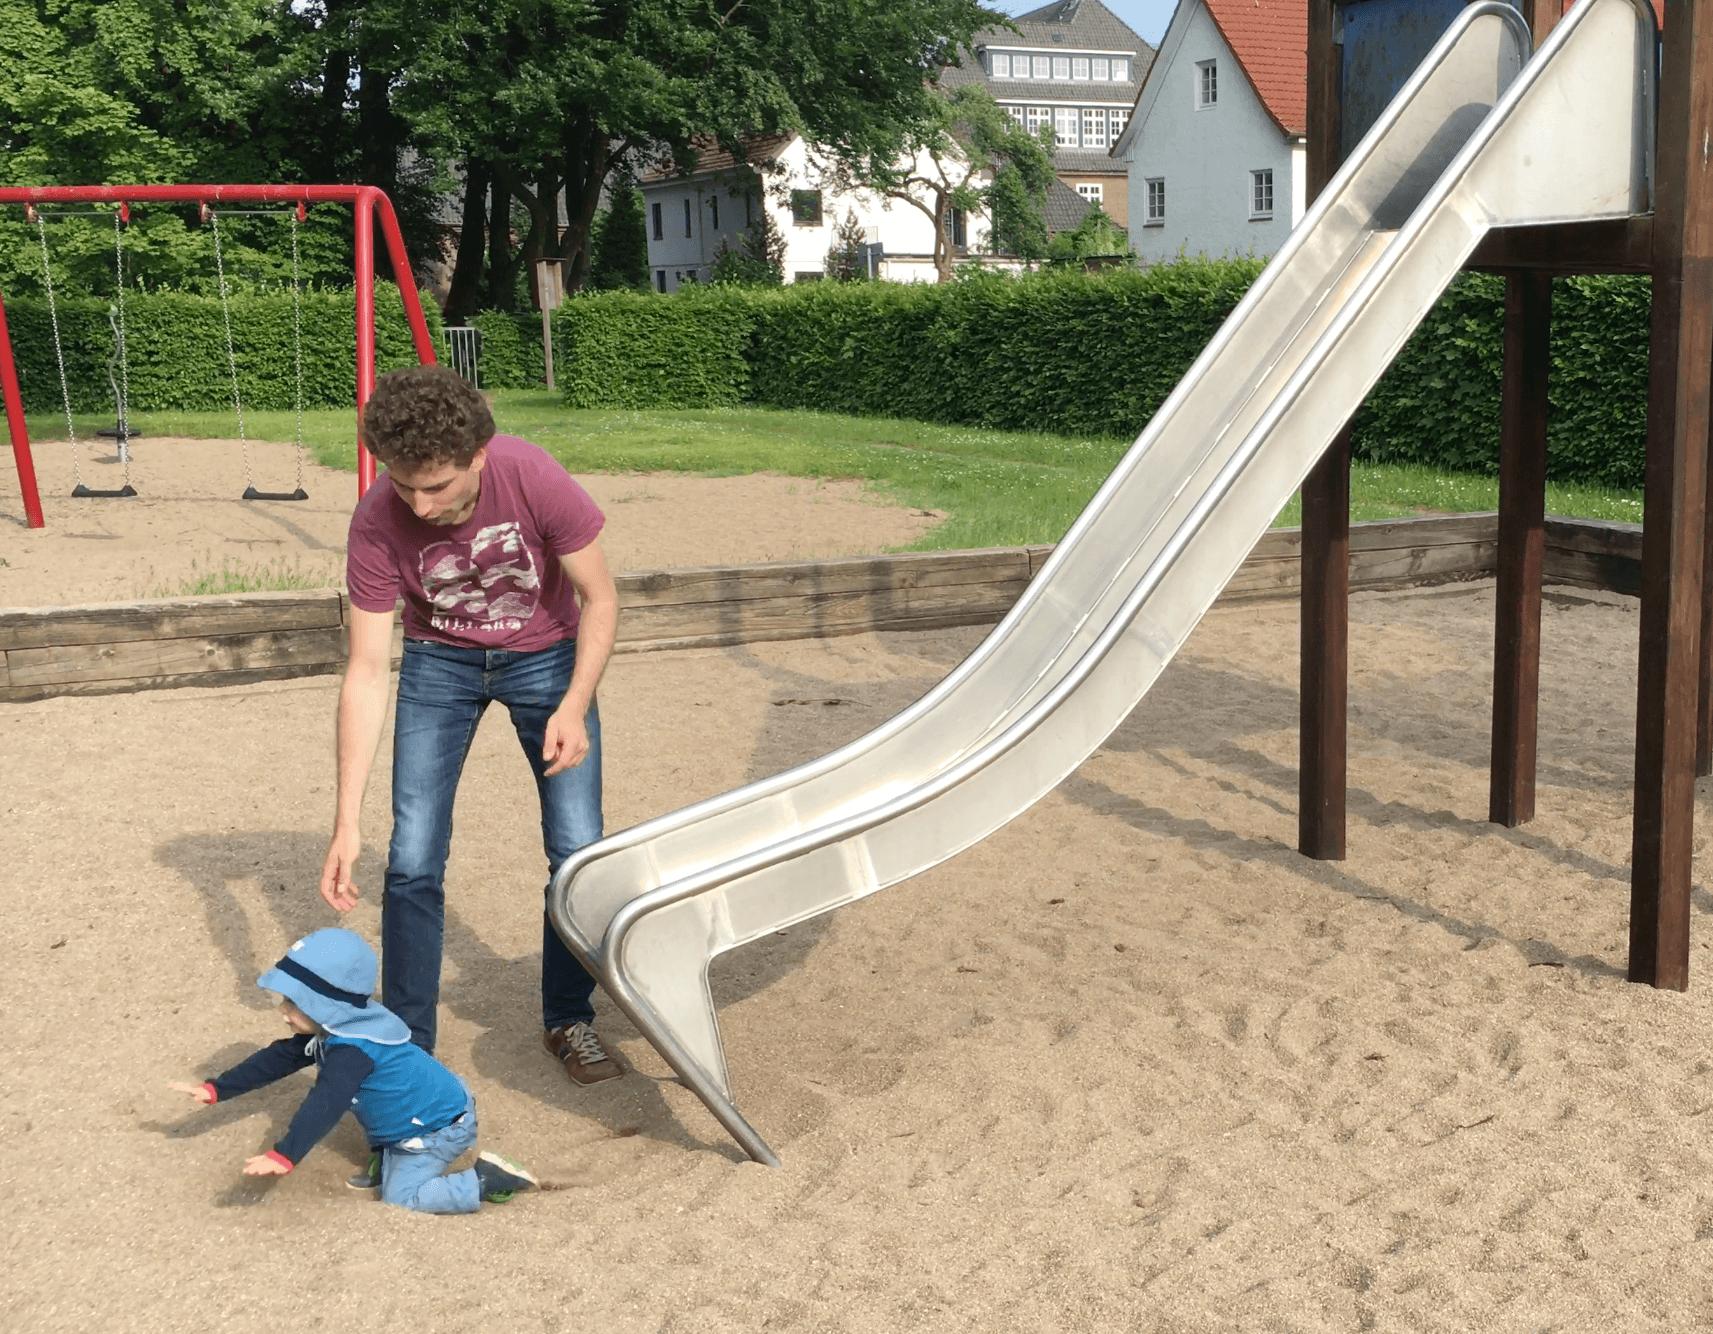 Vater-Tochter-Spielen Spiele